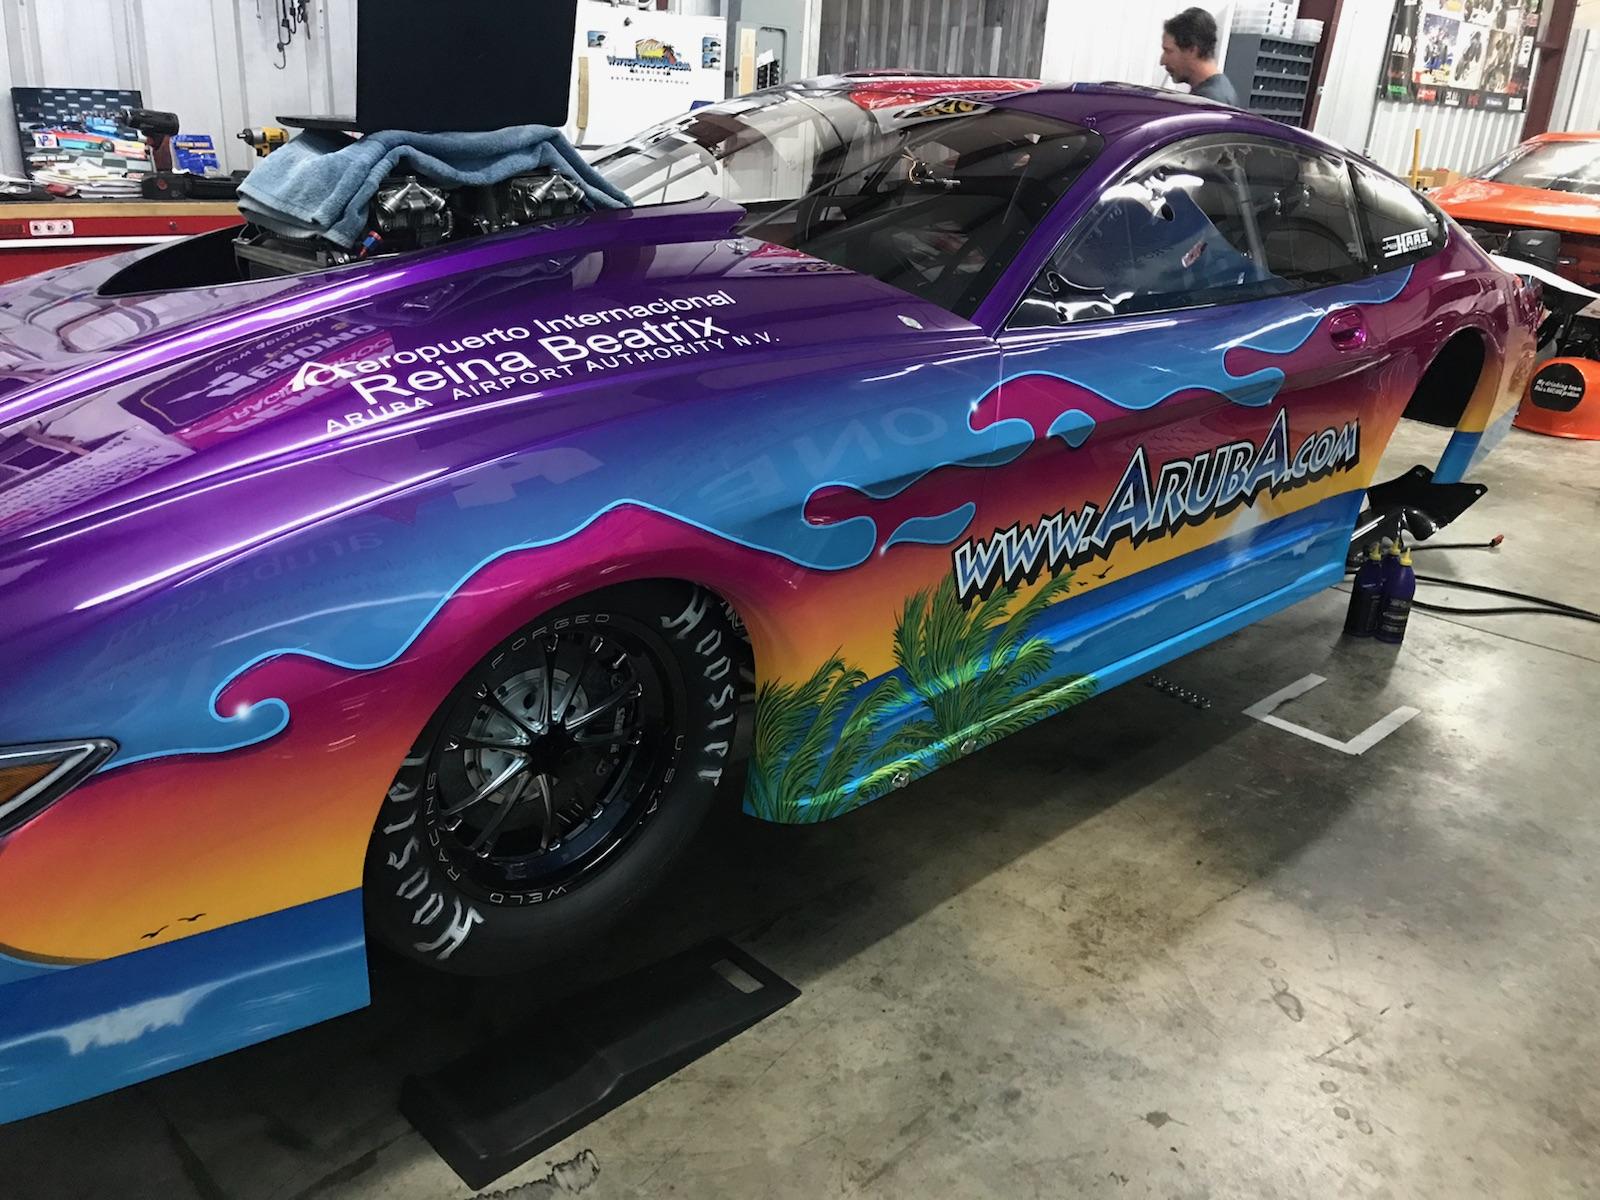 Team Aruba debuts new car at U.S. Nationals MMPS invitational